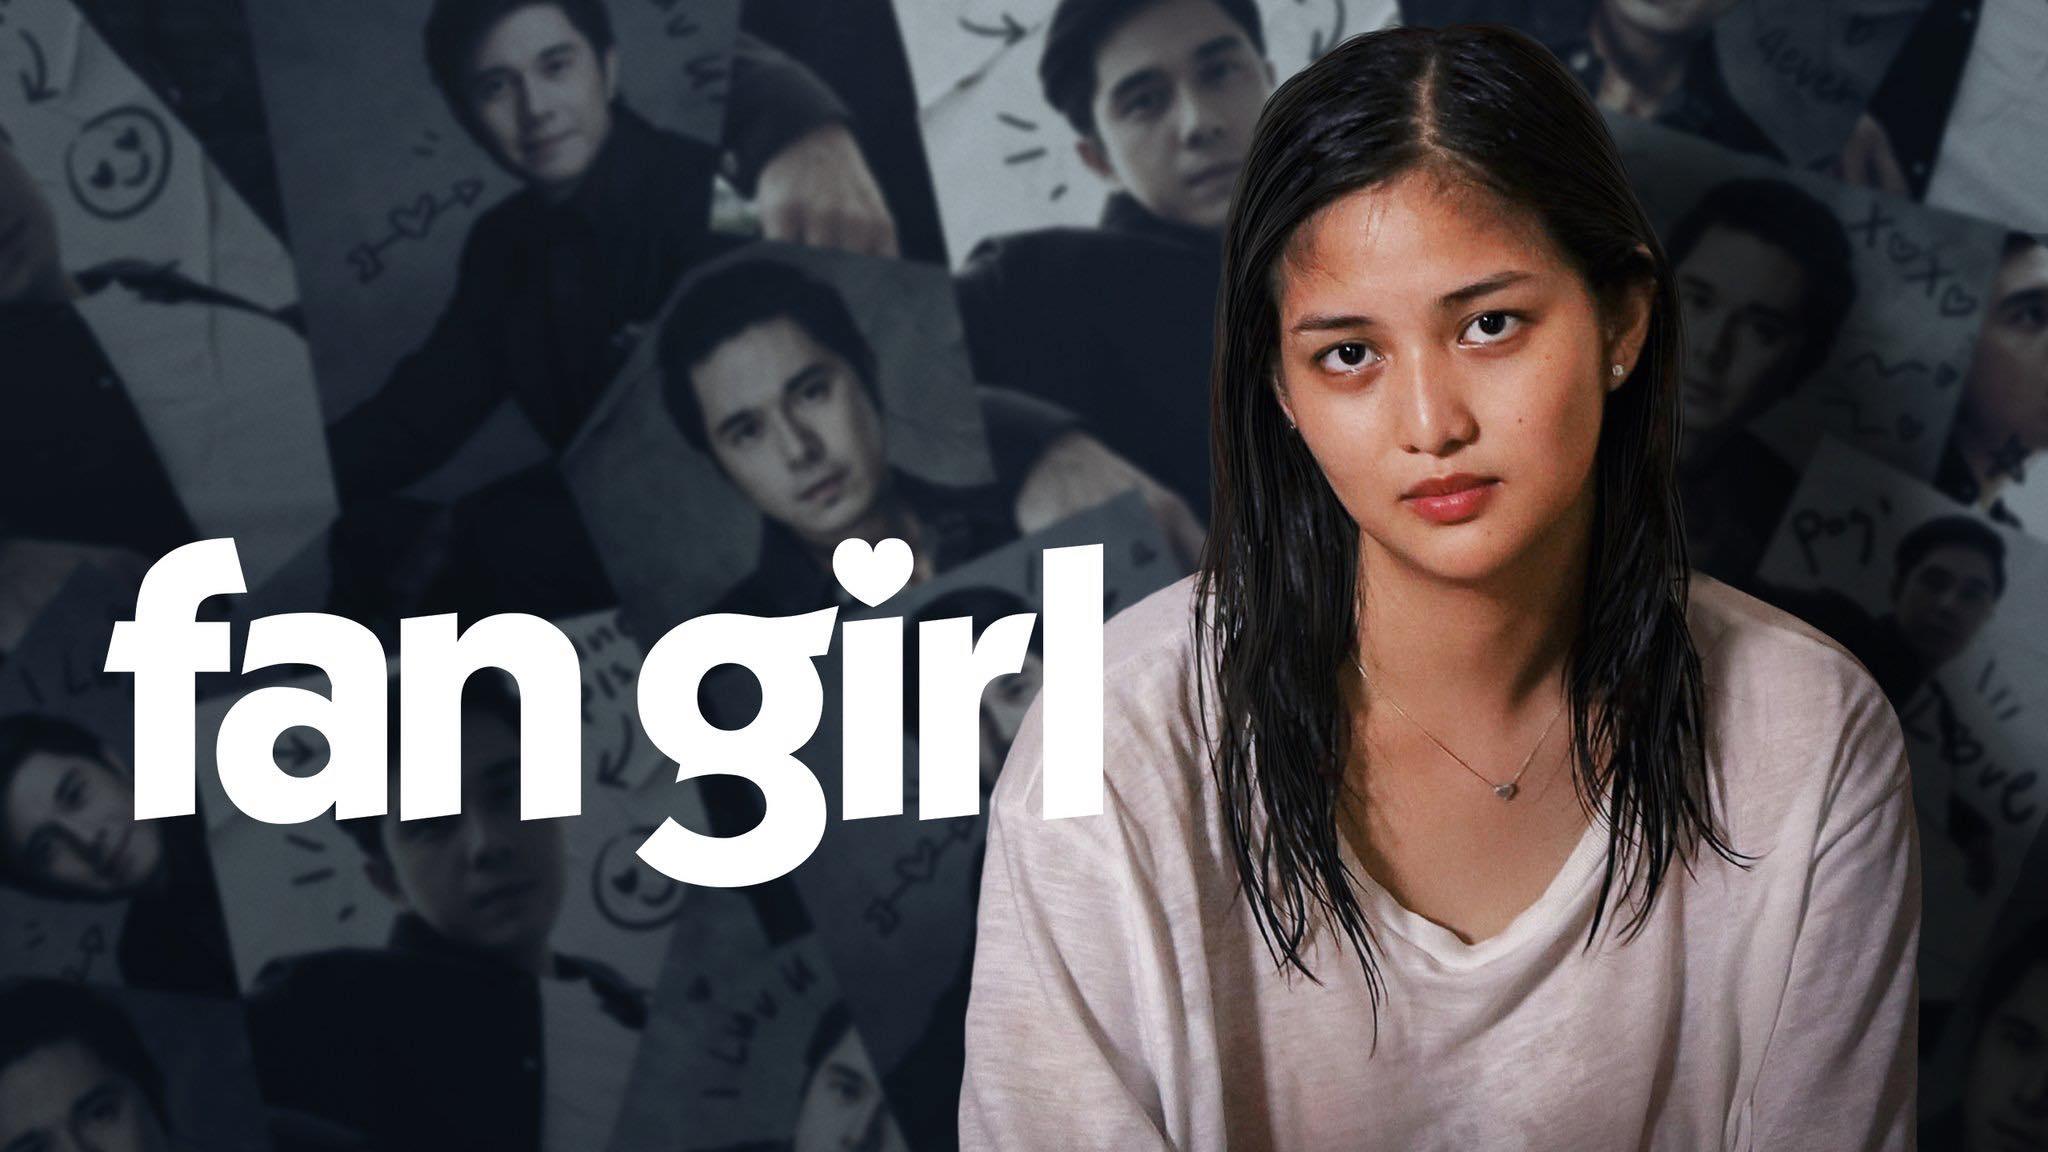 Fan Girl in Netflix